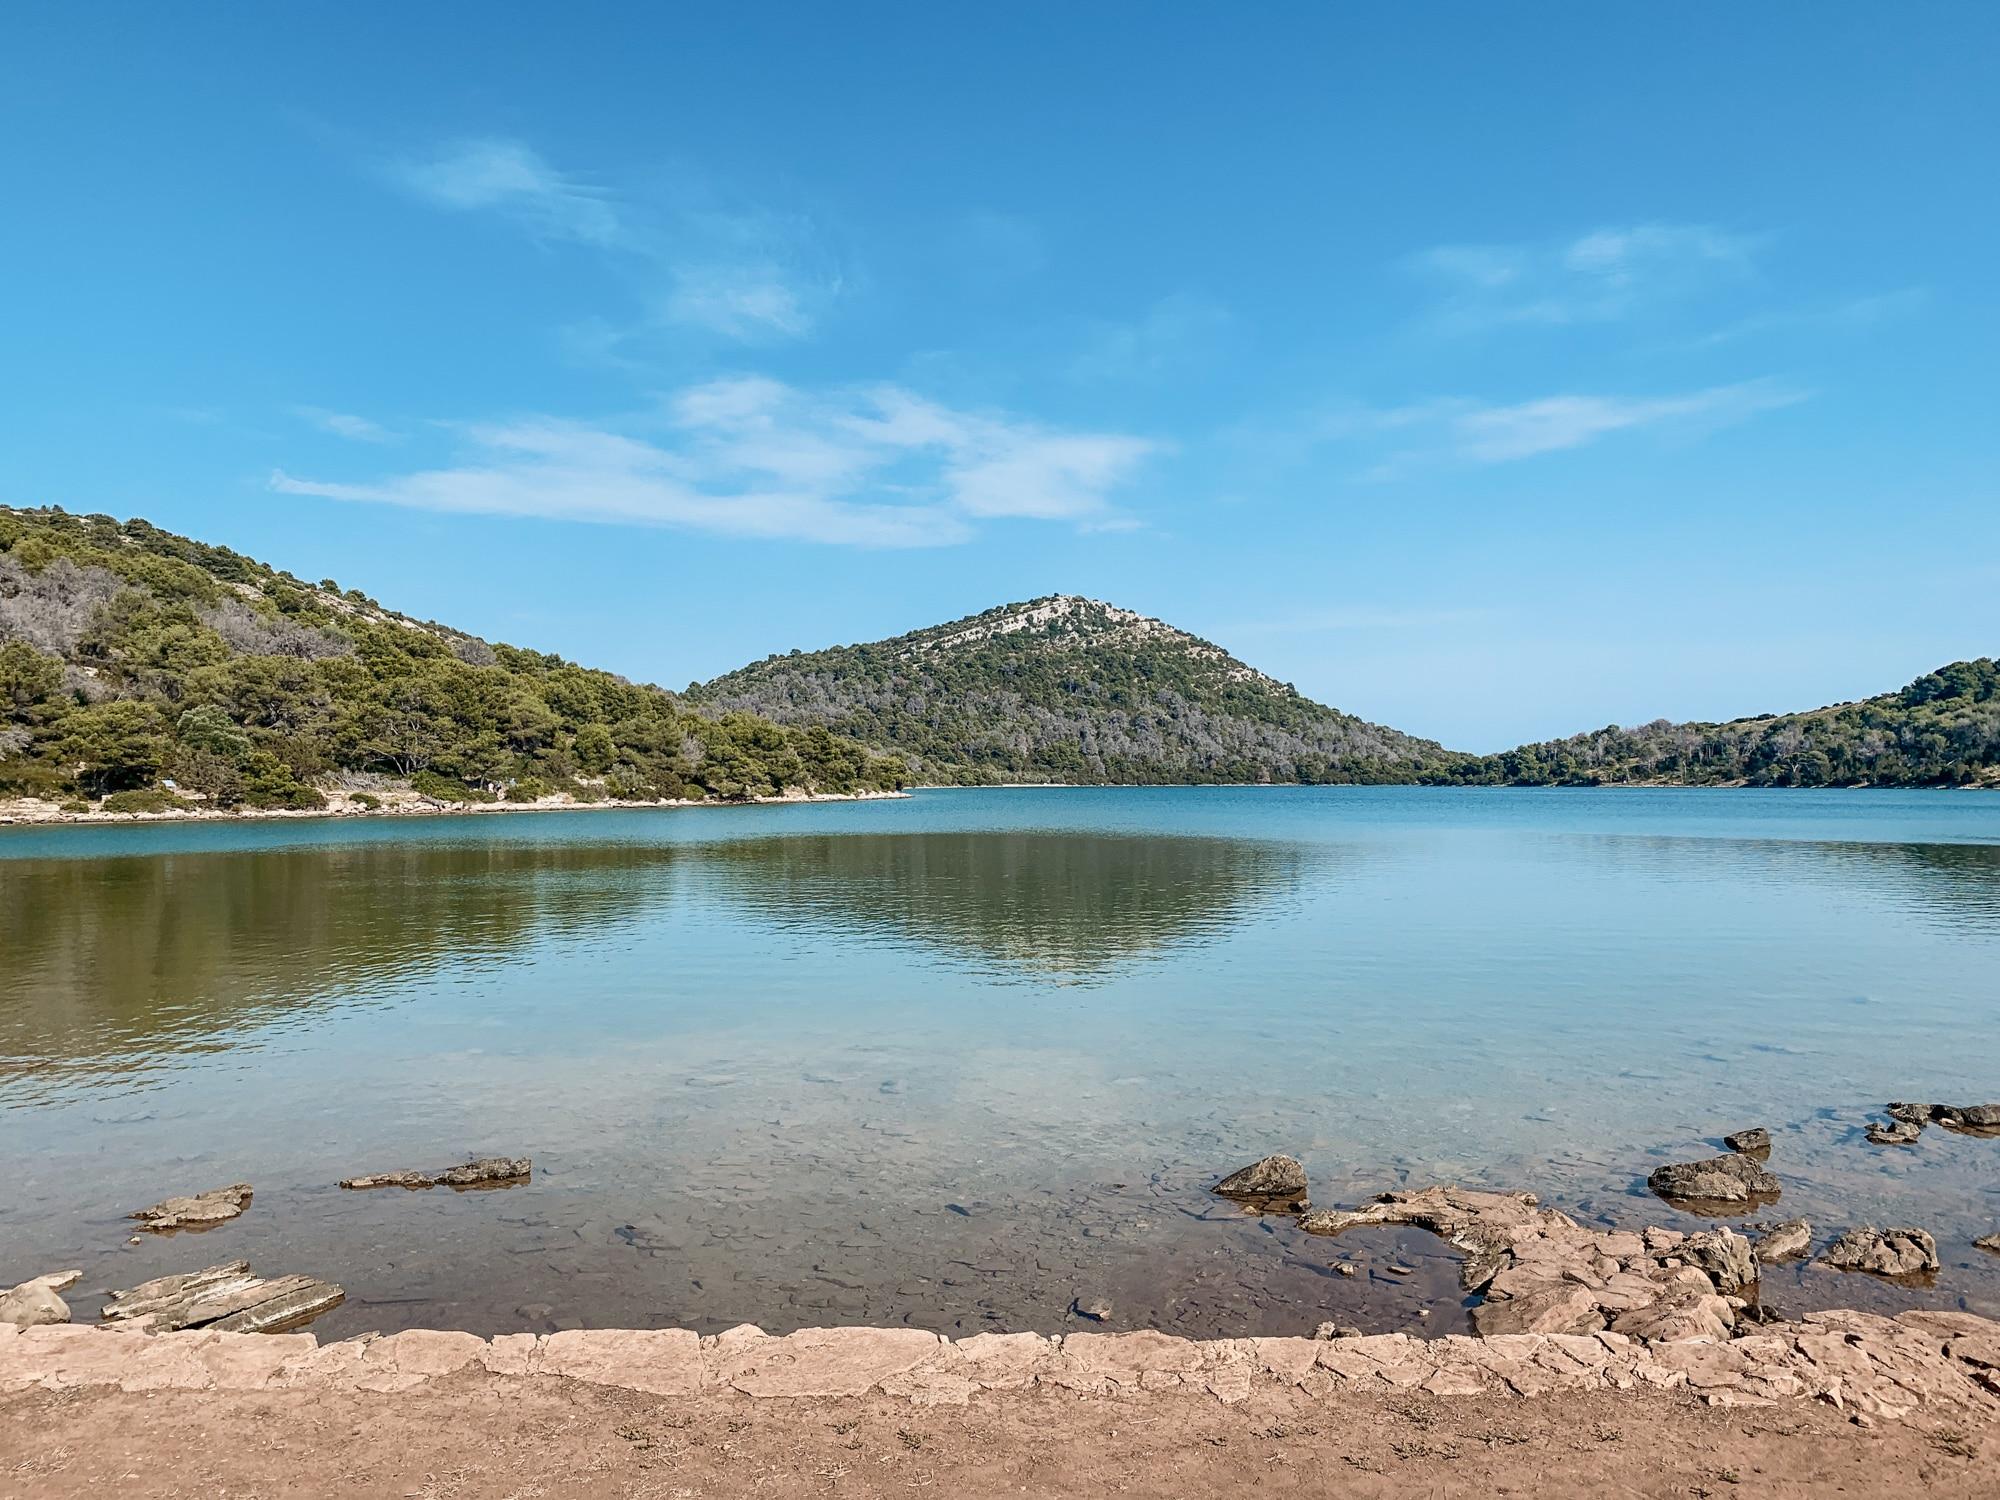 Dugi Otok Sehenswürdigkeiten: Meine Highlights und Tipps für die Insel - Naturpark Telascica, Salzsee Mir